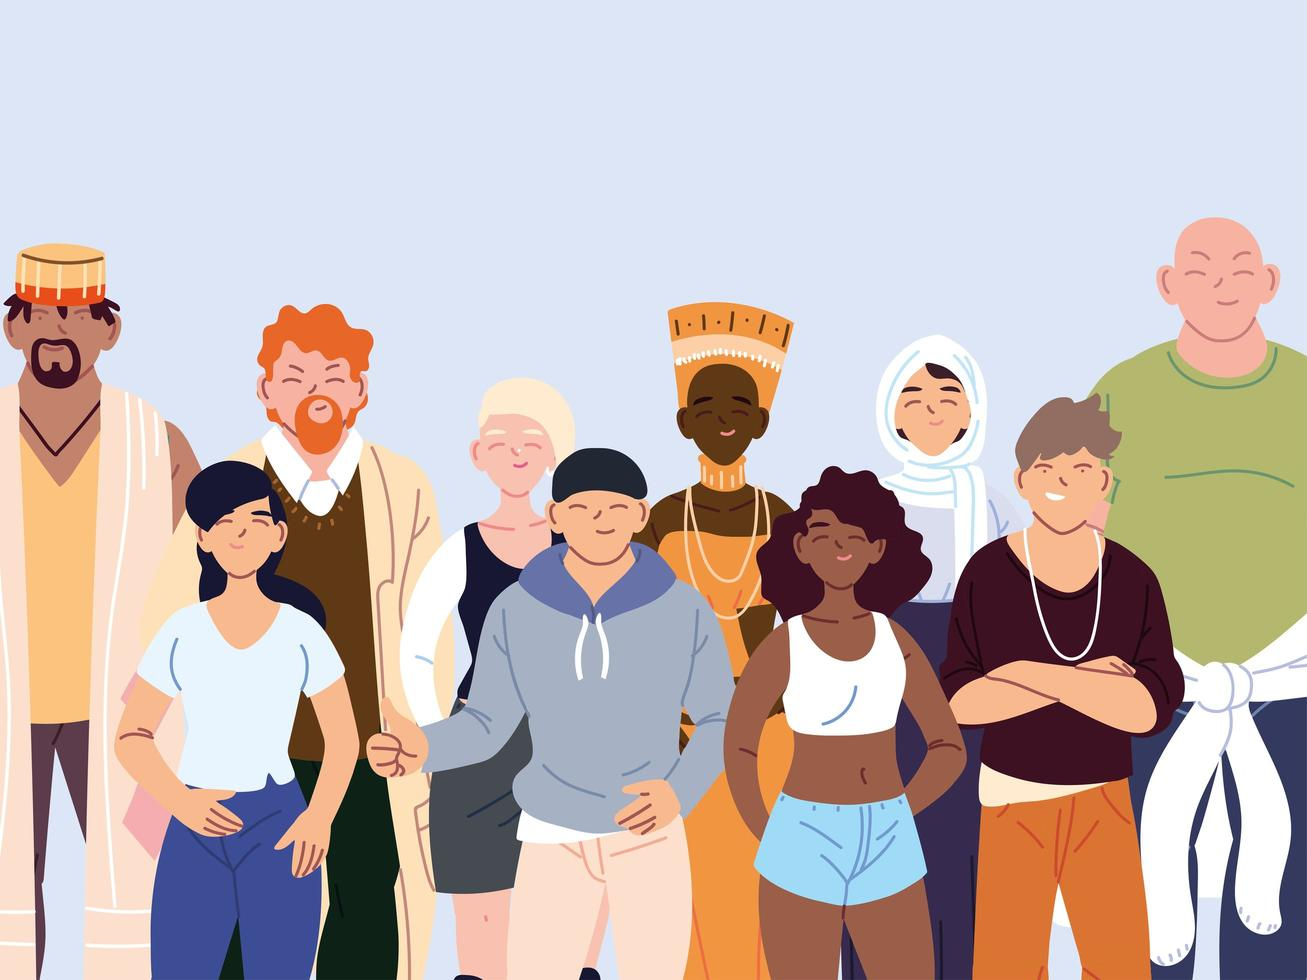 Gruppe von multikulturellen Menschen in Freizeitkleidung stehend vektor